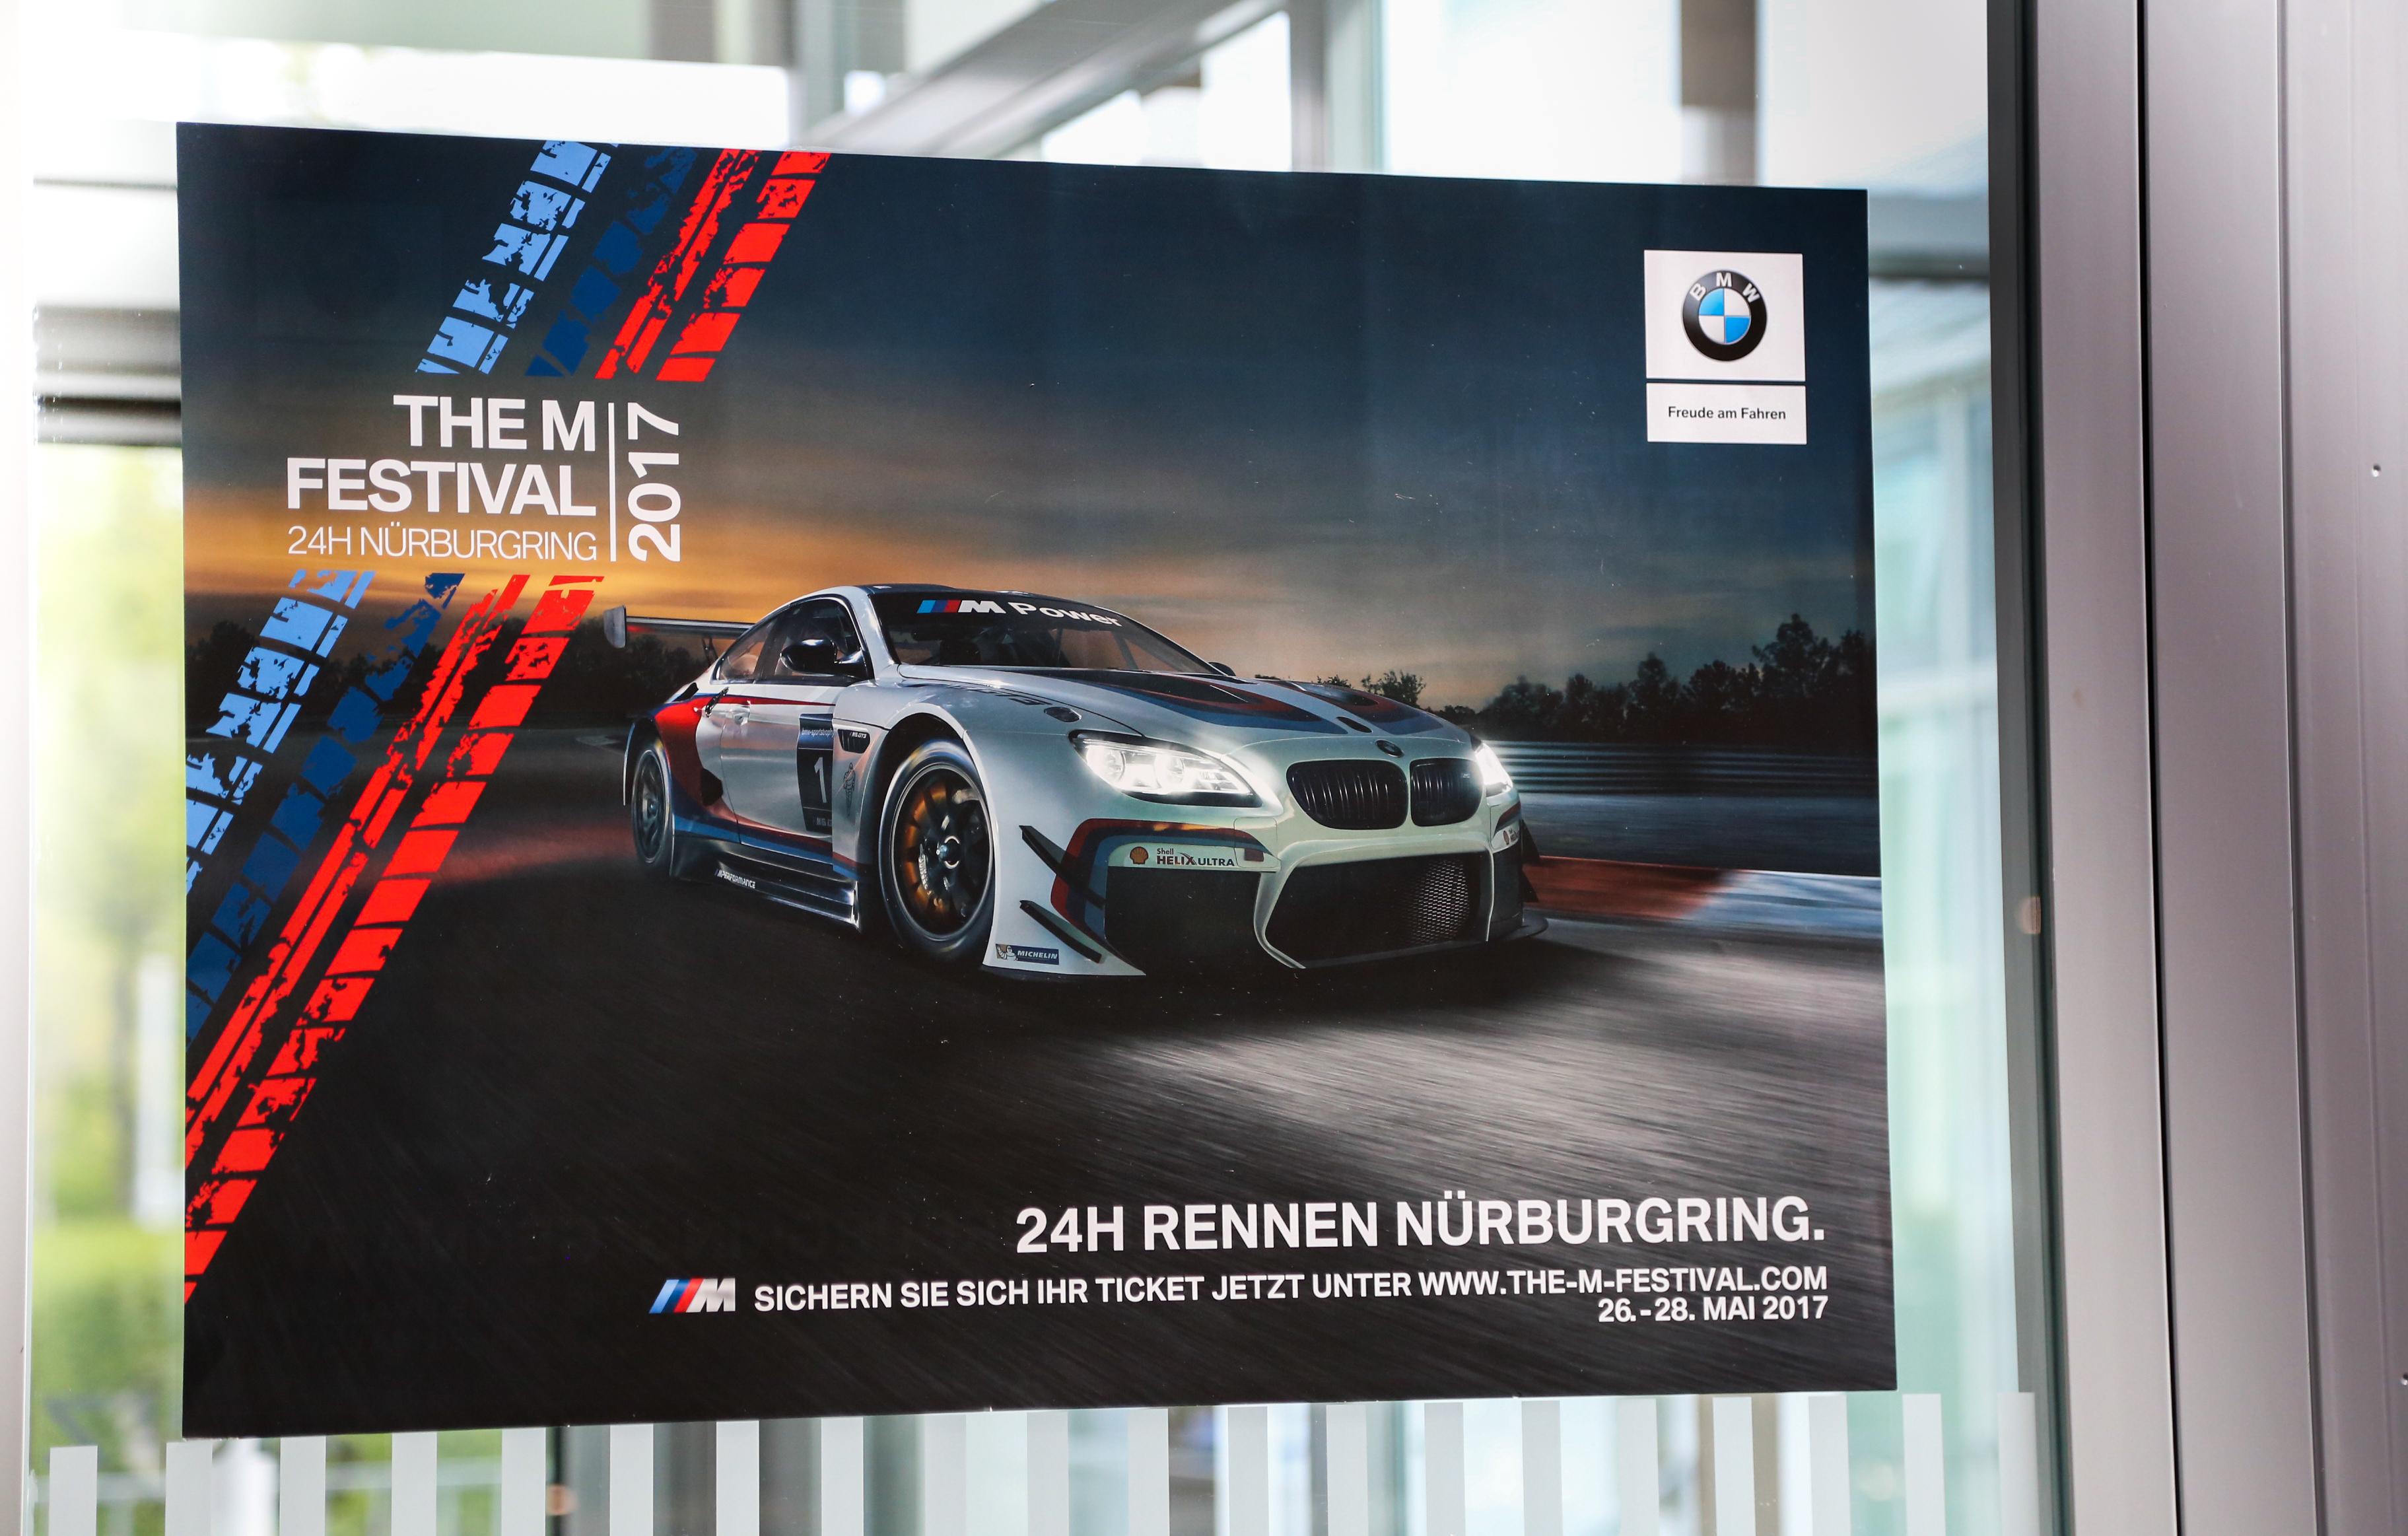 Motorsport hautnah in der Grünen Hölle - das ADAC Zurich 24h-Rennen Nürburgring BMW Cars Autos Car Auto Rennsport Langstreckenrennen BMWM6GT3 Versicherungen Insurance Jennifer PepperAndGold Wochenende Weekend Gewinnspiel